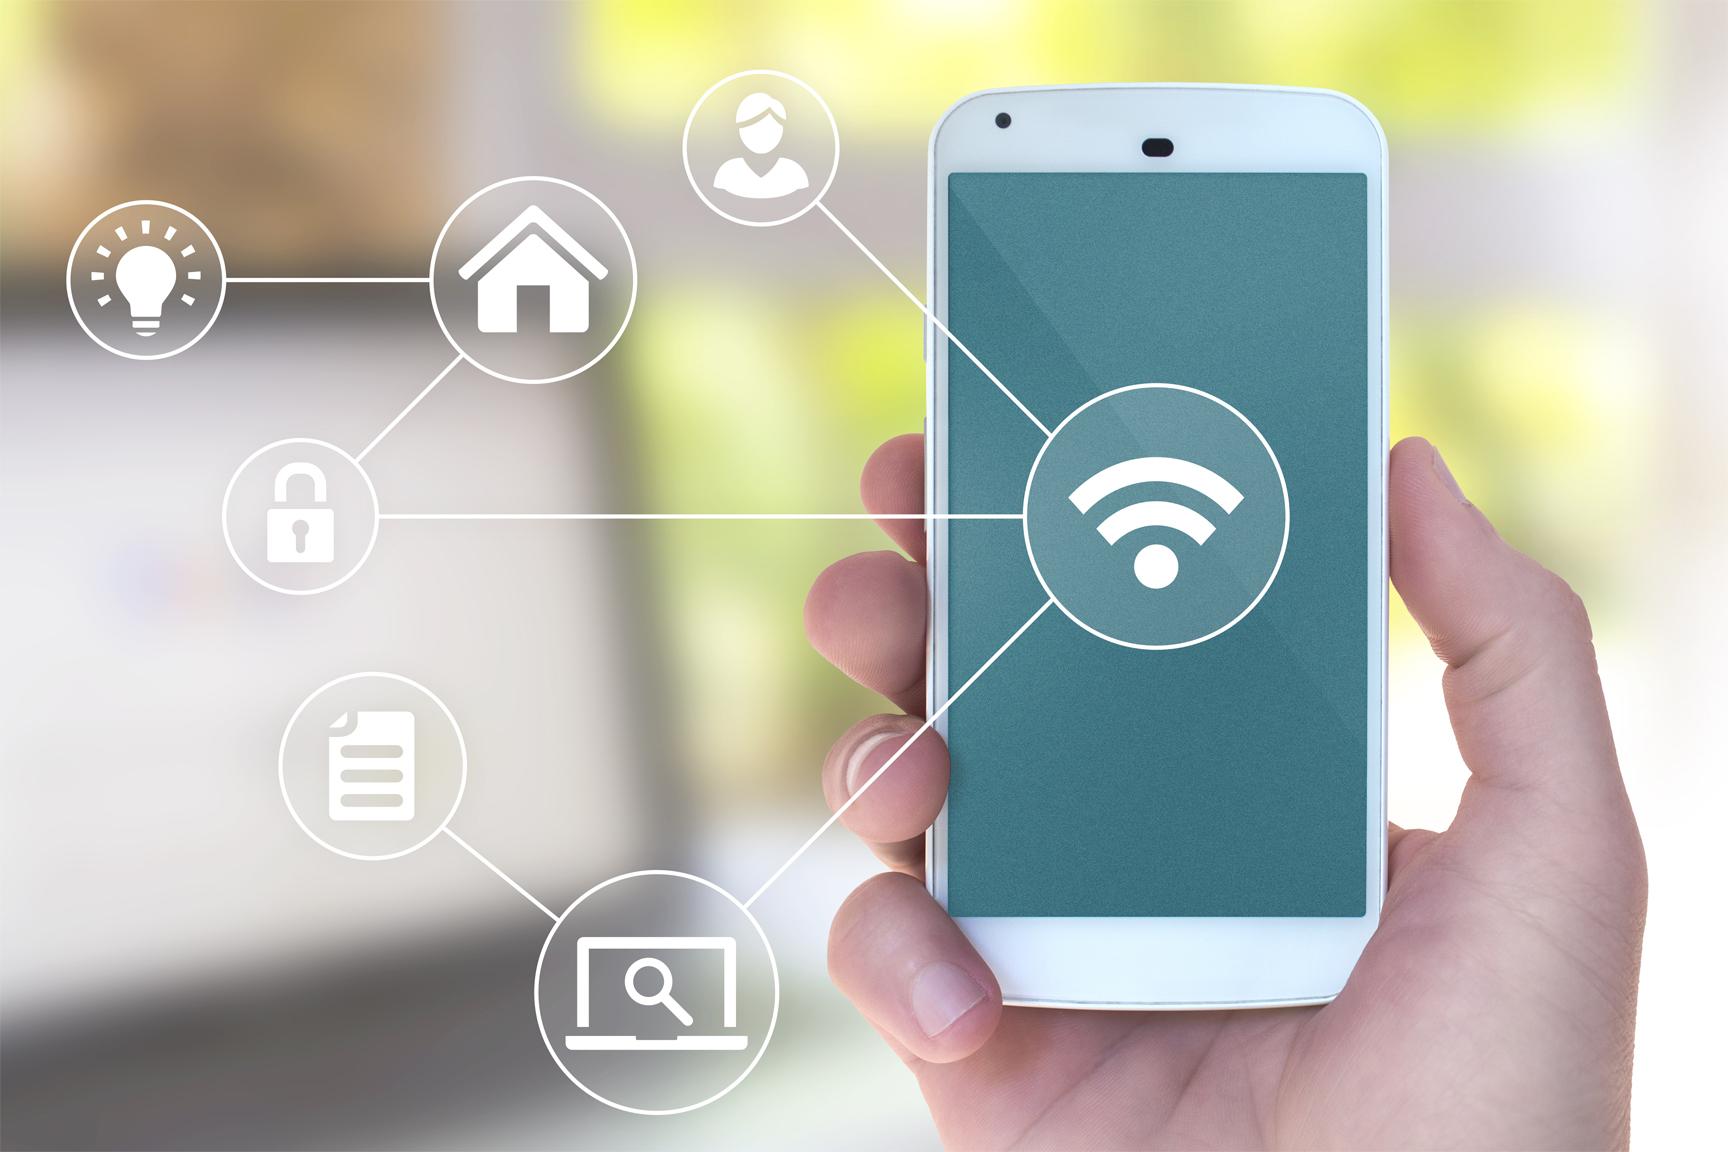 Programa para verificar y saber quién usa WiFi en casa